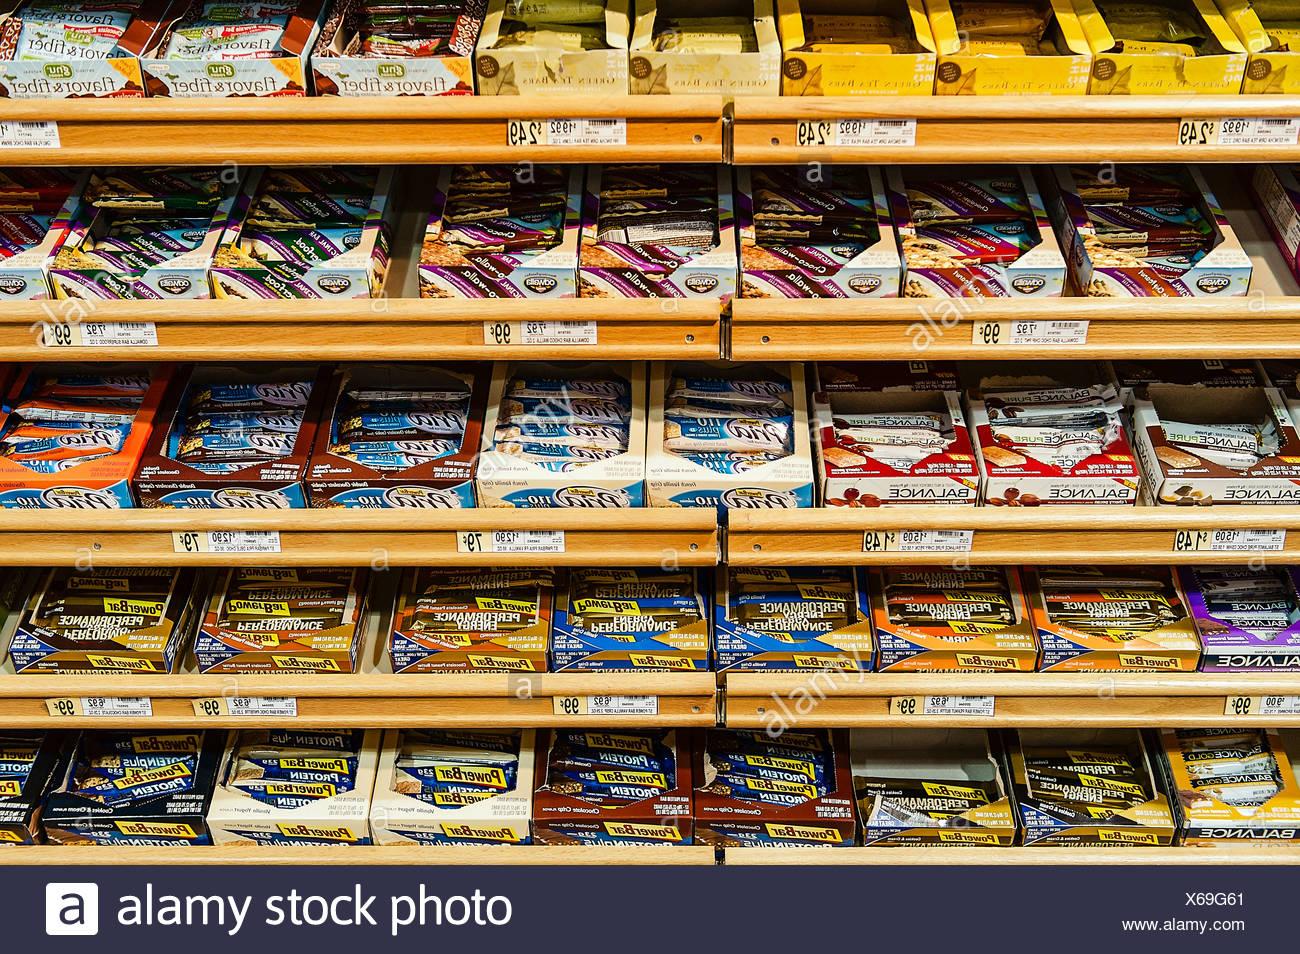 Selección de barras de energía en una tienda de alimentos de salud. Imagen De Stock